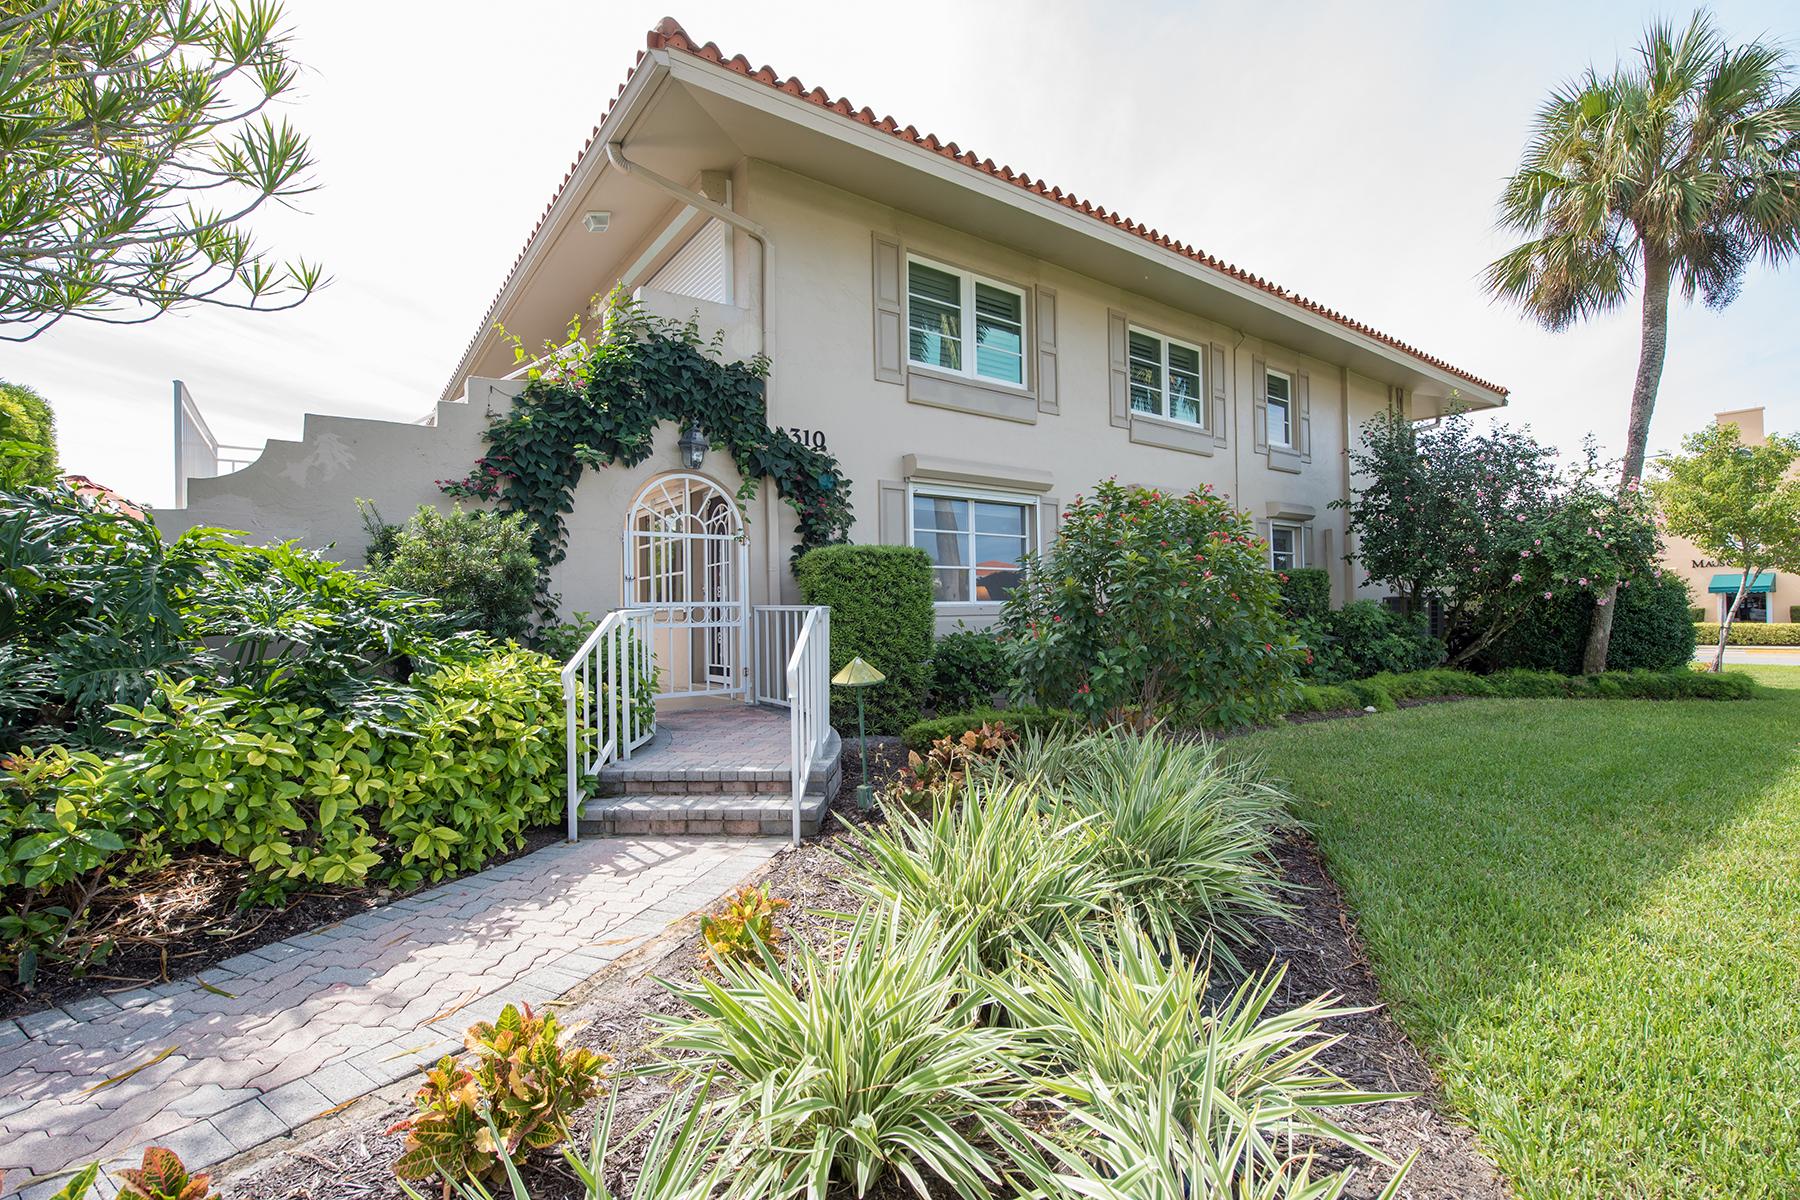 Eigentumswohnung für Verkauf beim AQUALANE SHORES - AQUALANE MANOR 310 14th Ave S Naples, Florida, 34102 Vereinigte Staaten